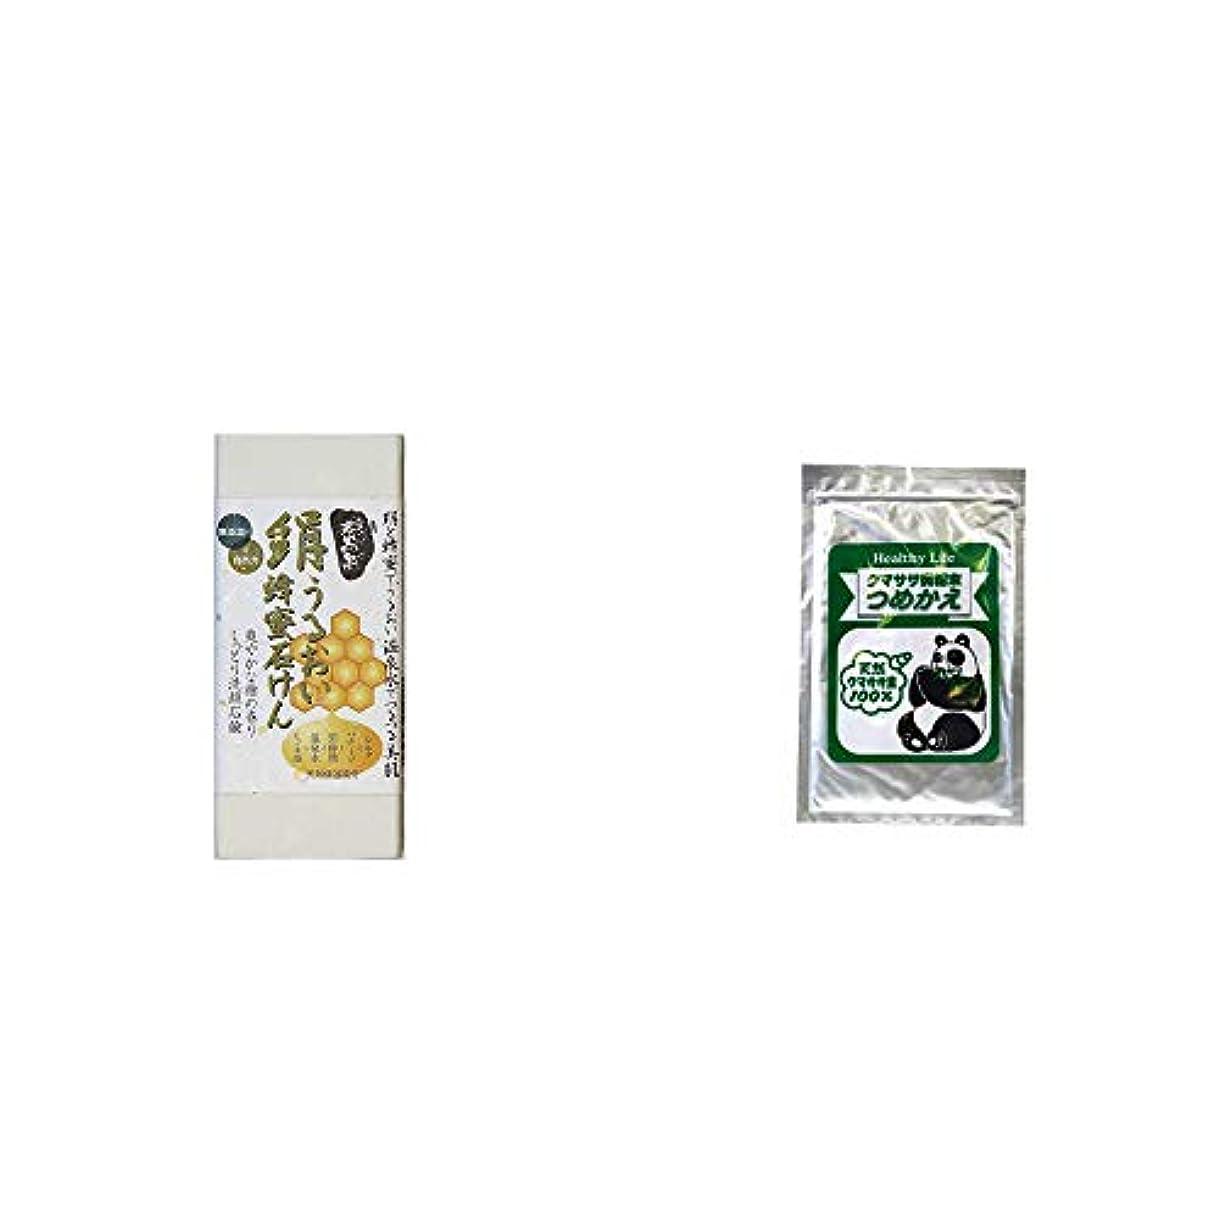 医学失礼チャペル[2点セット] ひのき炭黒泉 絹うるおい蜂蜜石けん(75g×2)?木曽産 熊笹100% クマササ微粉末 詰め替え用 (60g)